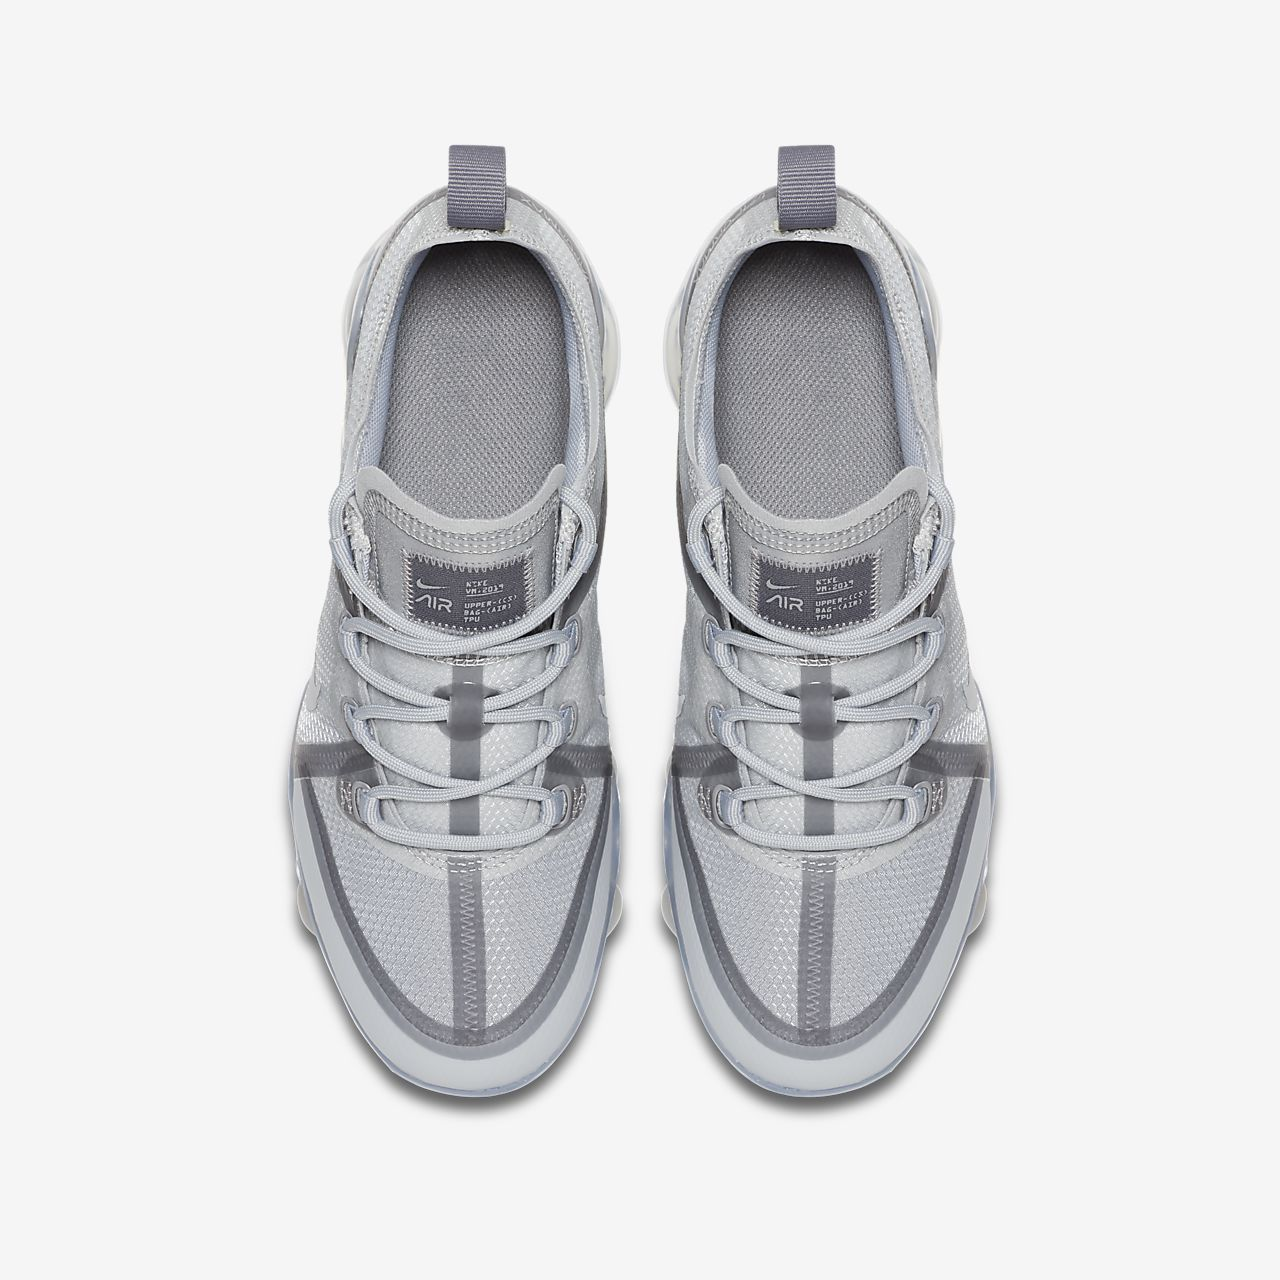 Pour Plus Âgé Enfant Air Chaussure Vapormax Nike 2019 wP08Okn